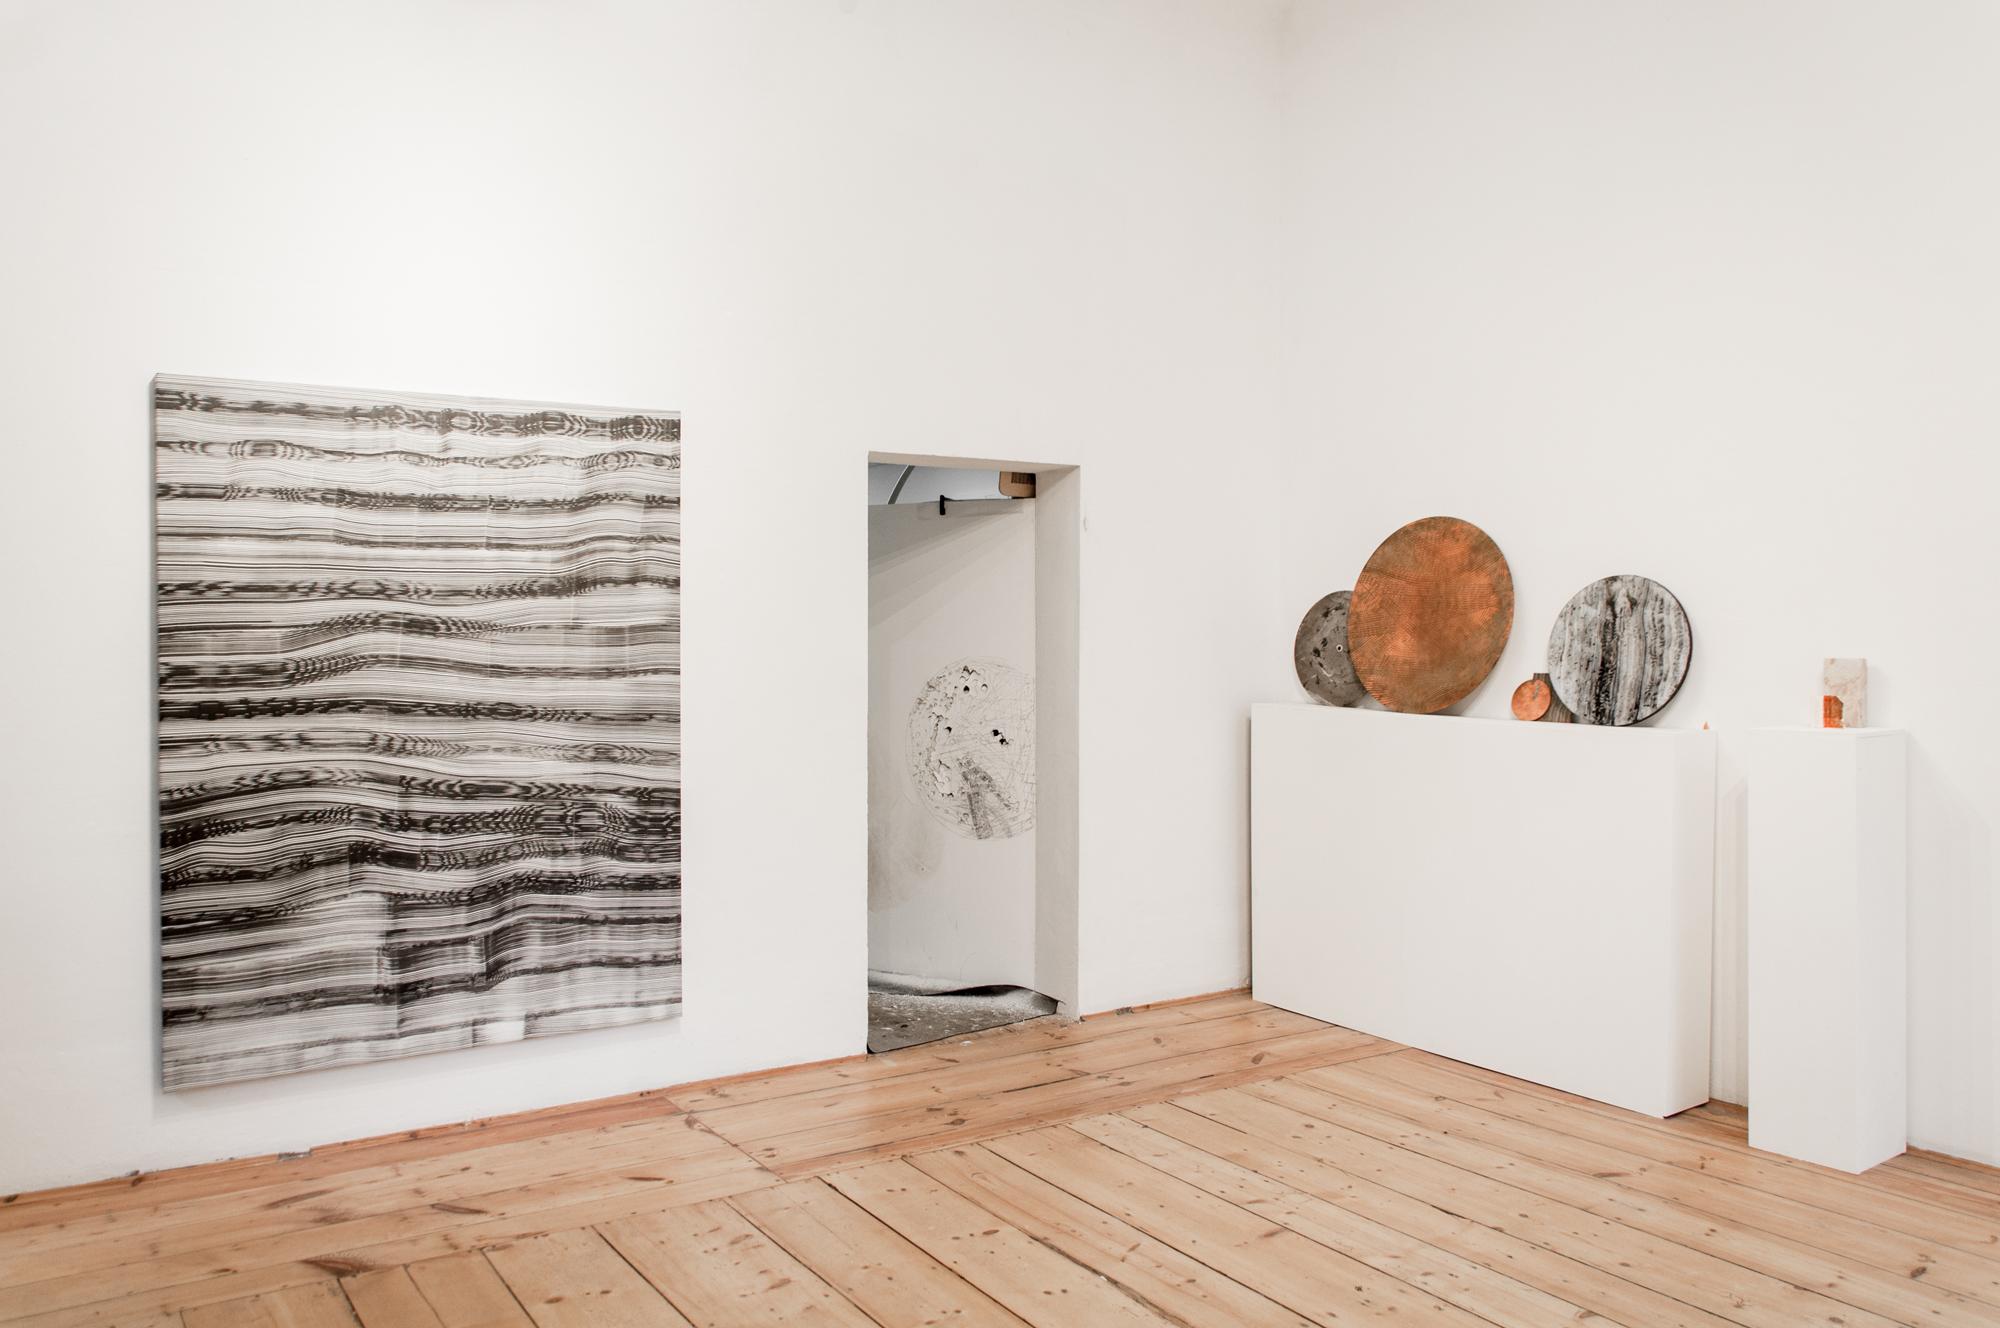 Shifting Surfaces: La mostra di Aris e 2501 da Magma Gallery